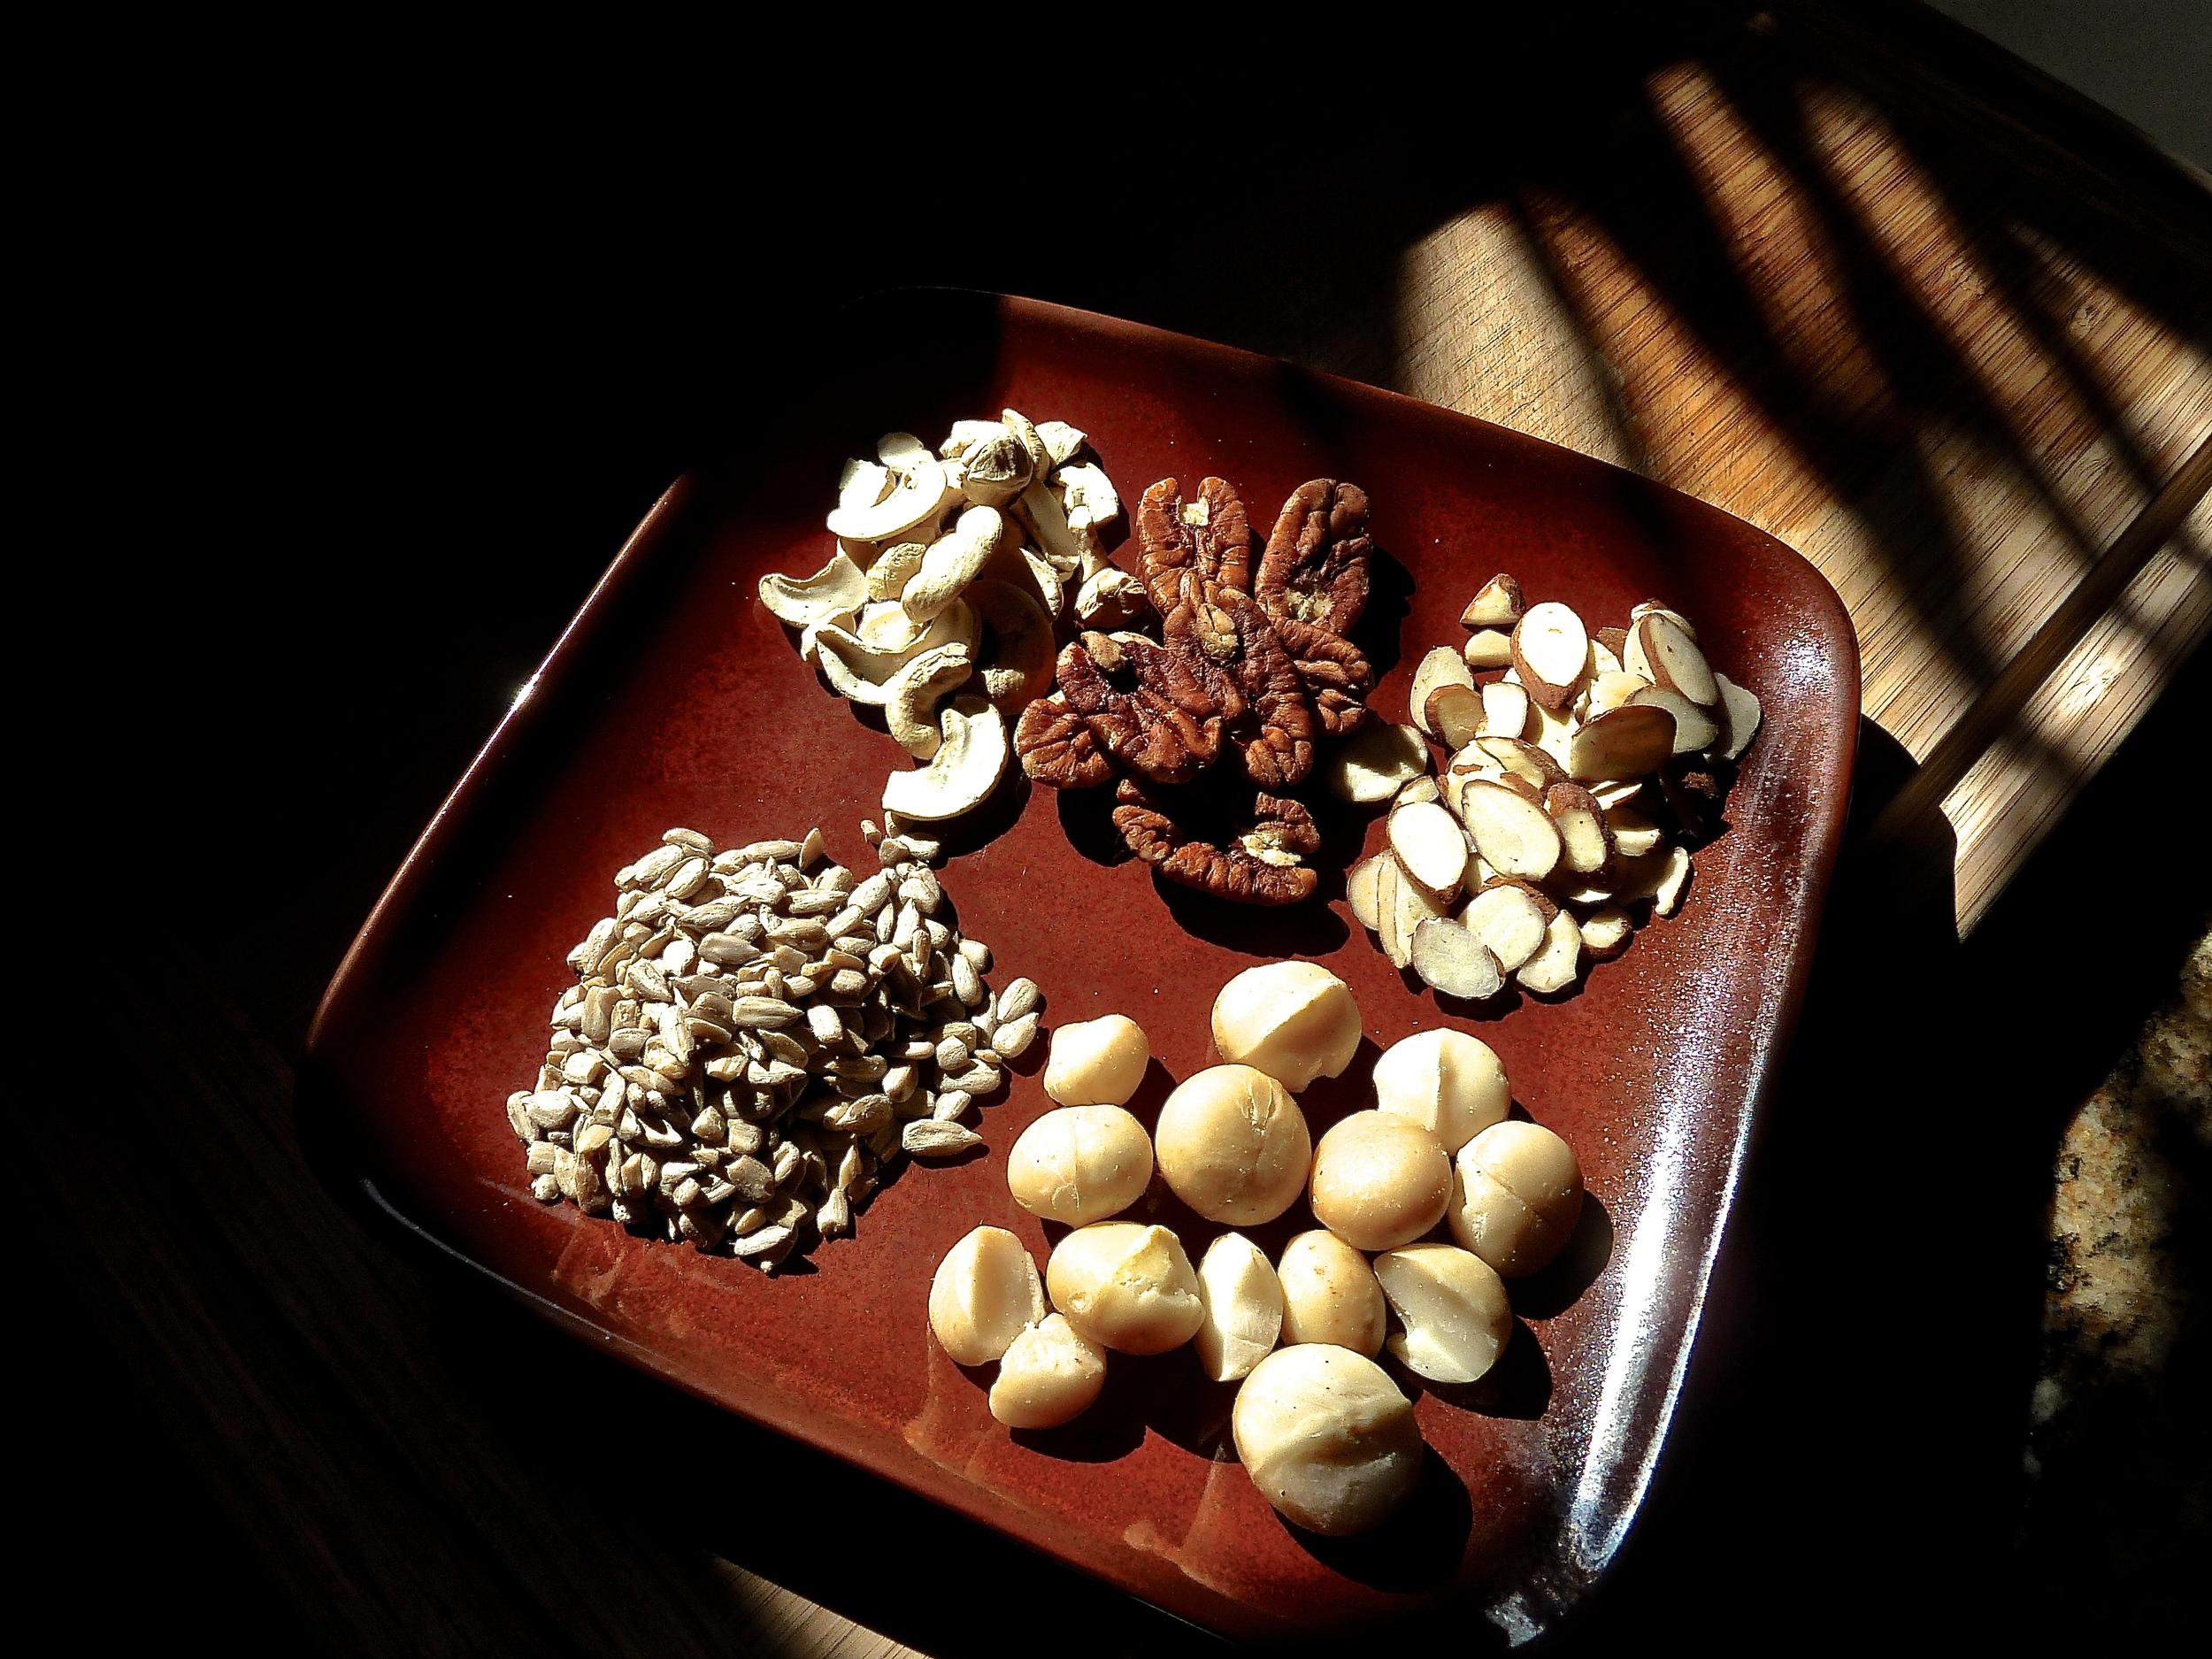 plate-of-nuts.jpg